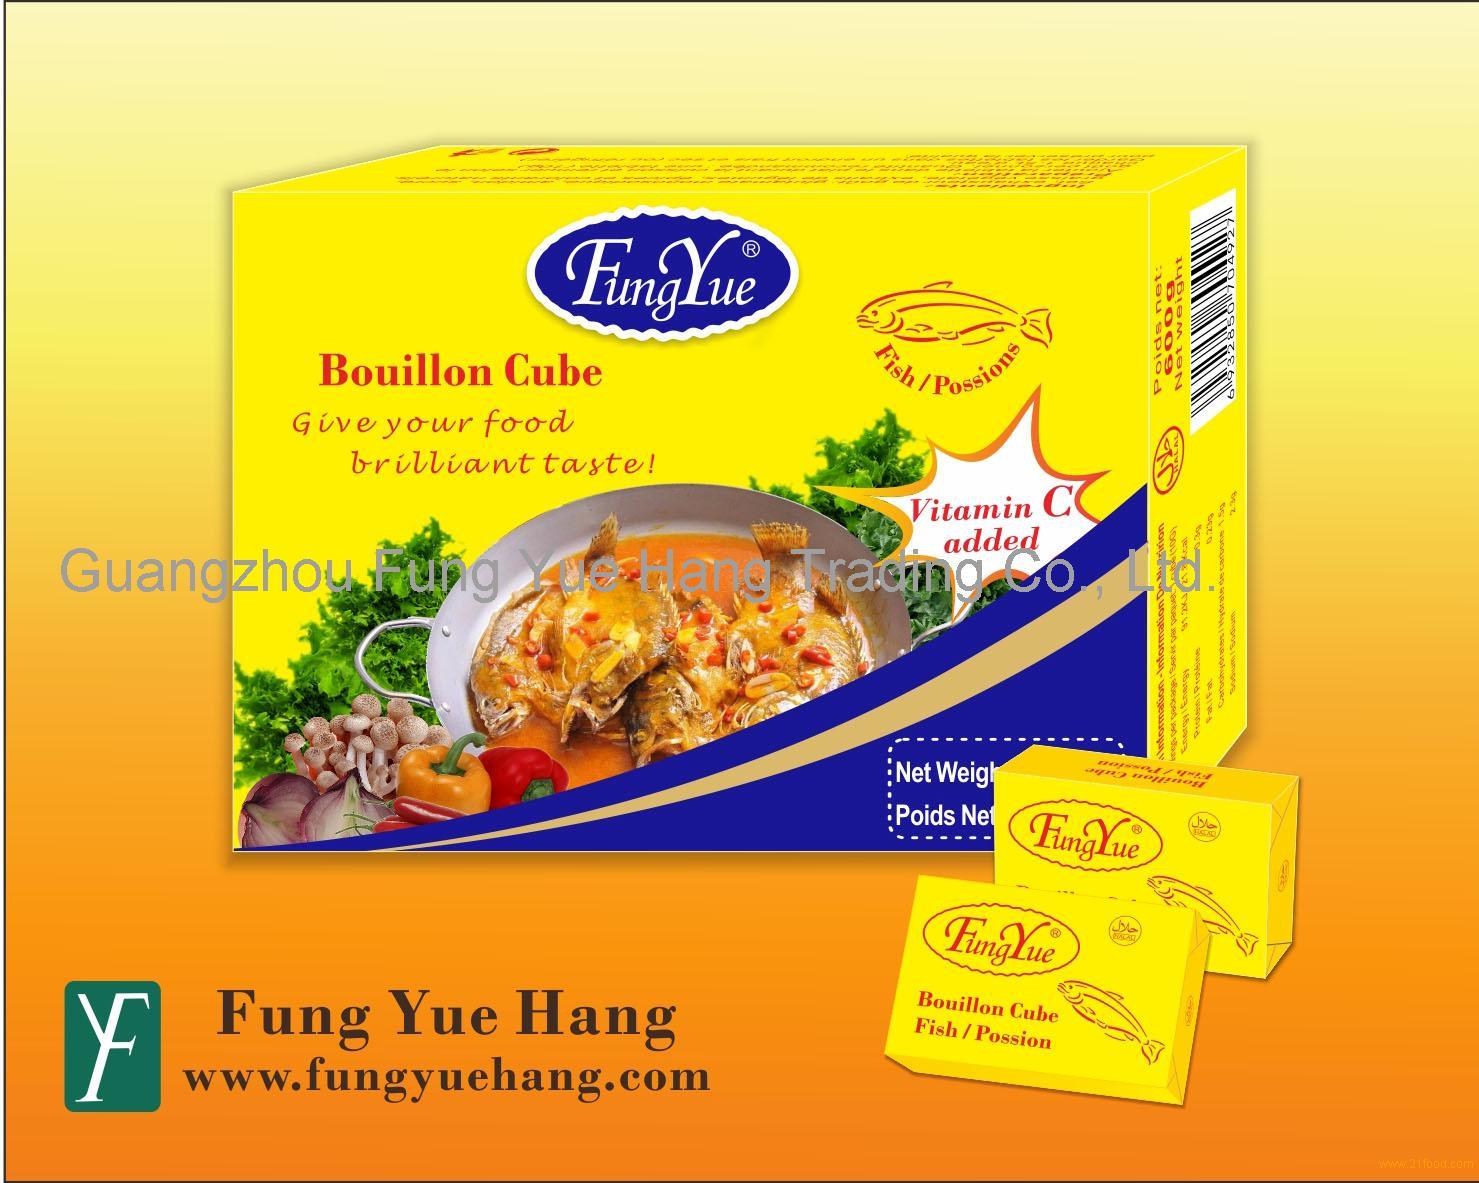 https://img.21food.com/img/product/2012/12/3/fungyuehang-16190430.jpg